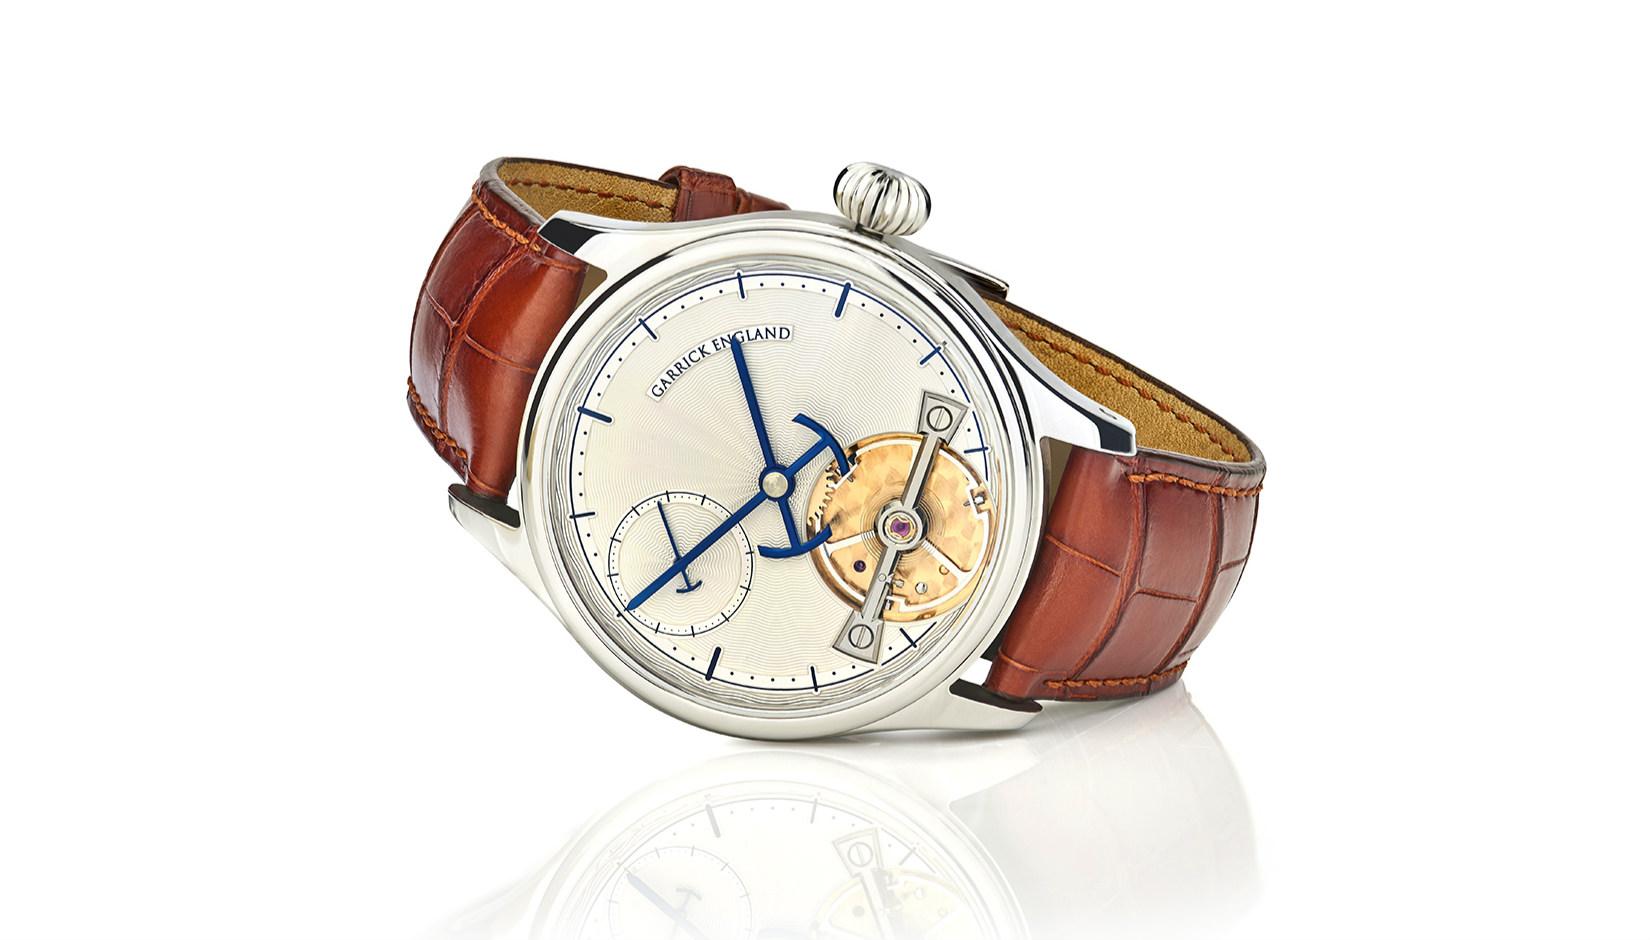 Portsmouth handmade watch by Garrick